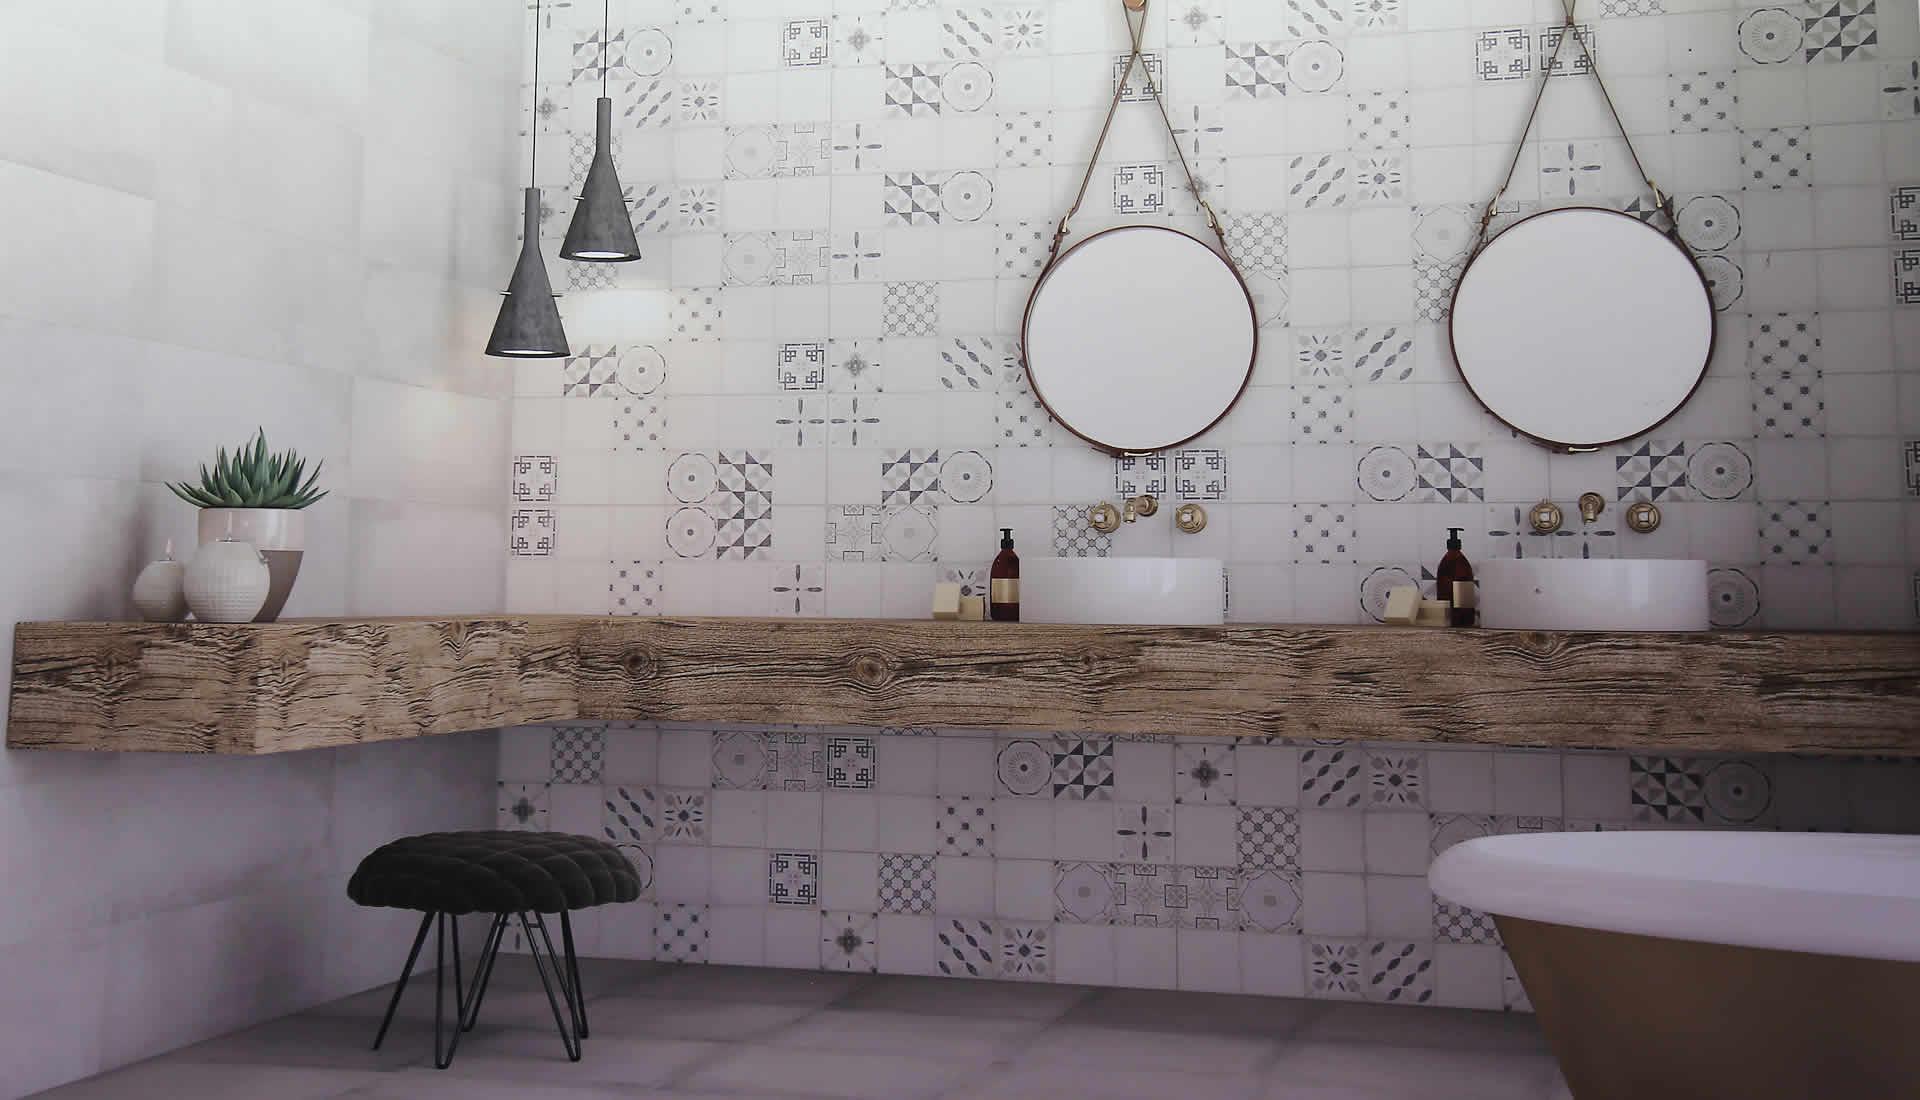 baños-diseño-exclusivo-espejos-bañera